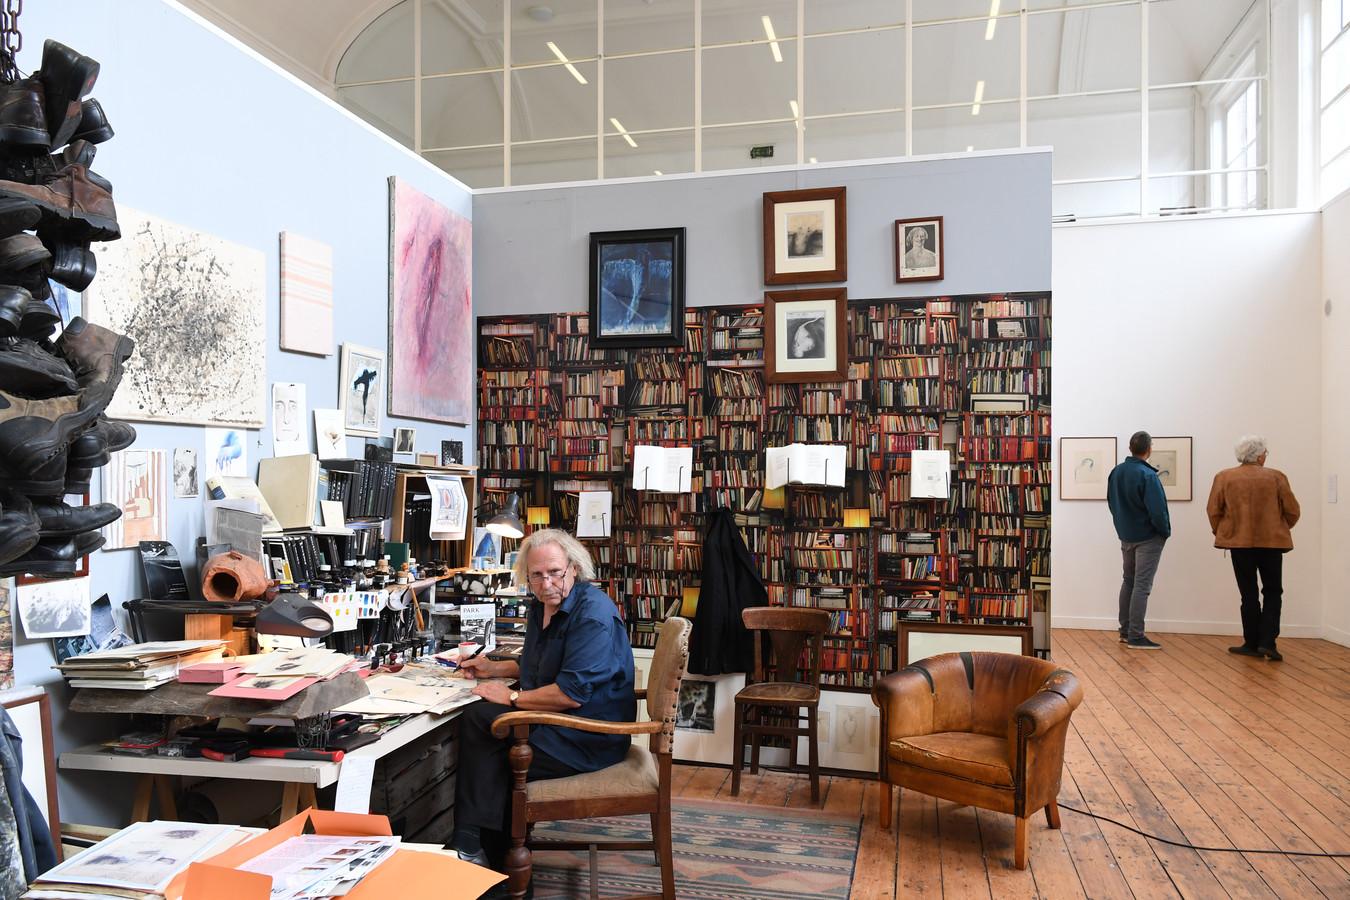 TILBURG,  Foto PixProfs/Jan Stads Hans Klein Hofmeijer heeft een deel van zijn atelier heeft verplaatst naar PARK in Tilburg. Foto Pix4Profs/Jan Stads